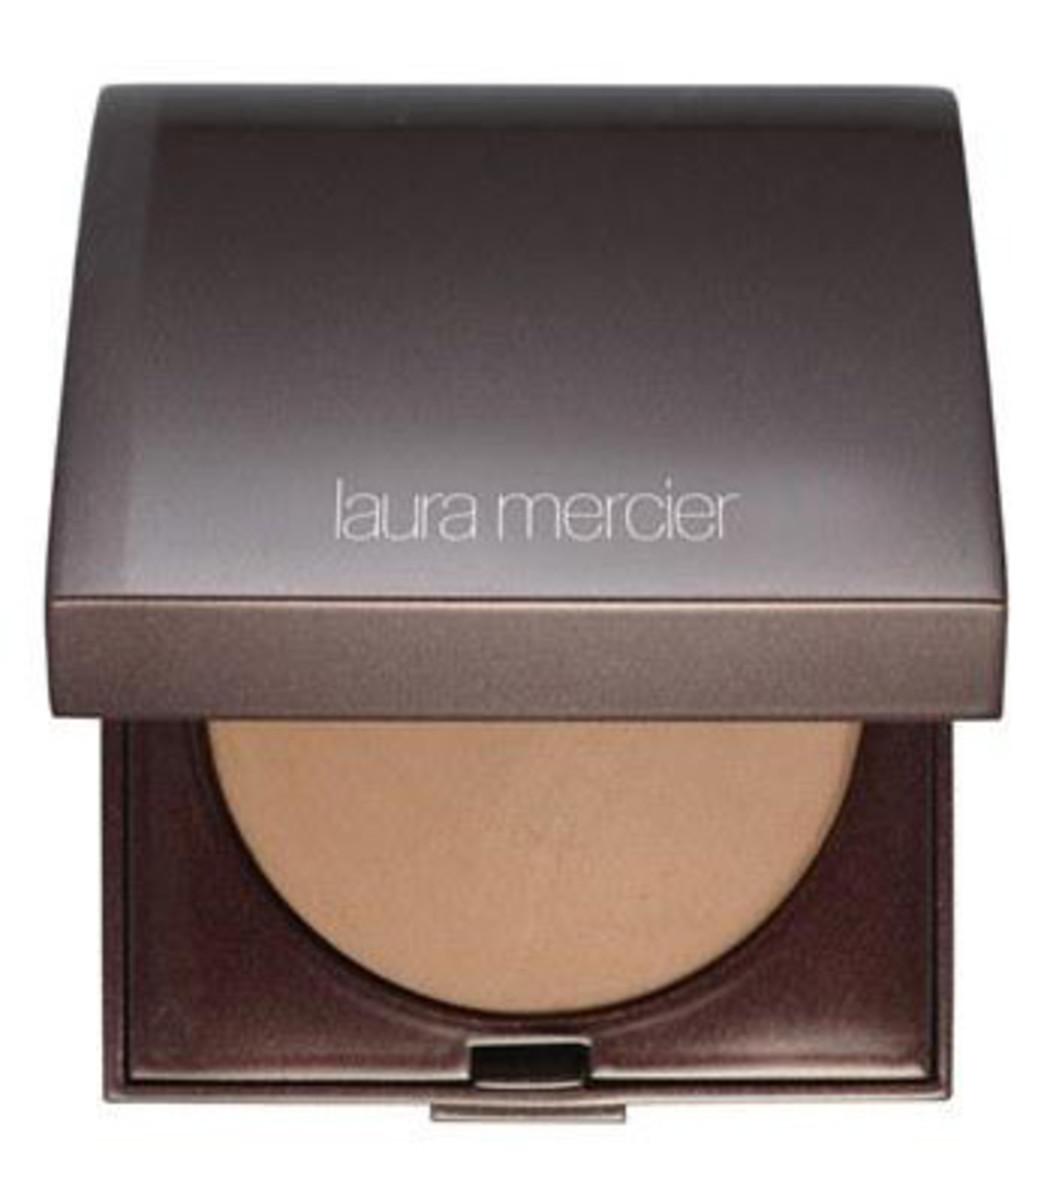 Laura Mercier Matte Radiance Baked Powder in Bronze 2